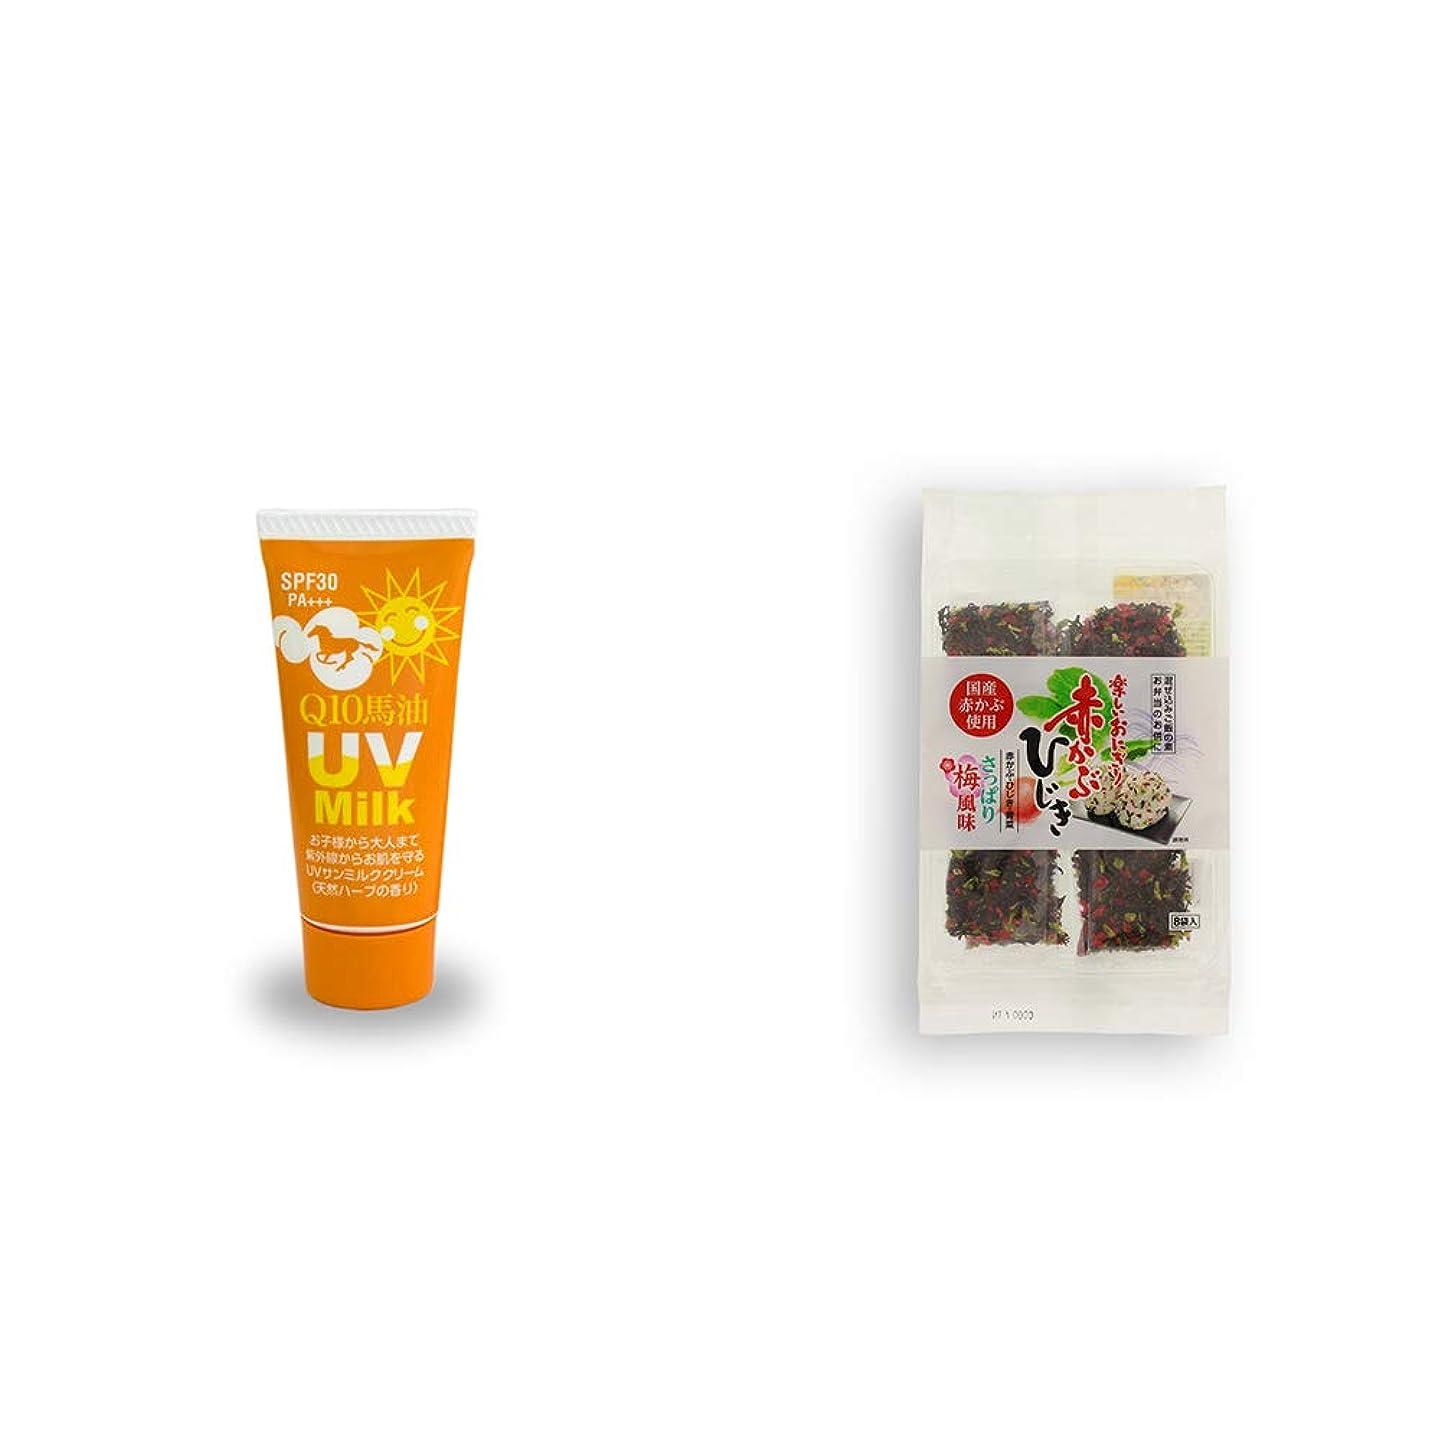 論文報いる立ち寄る[2点セット] 炭黒泉 Q10馬油 UVサンミルク[天然ハーブ](40g)?楽しいおにぎり 赤かぶひじき(8g×8袋)